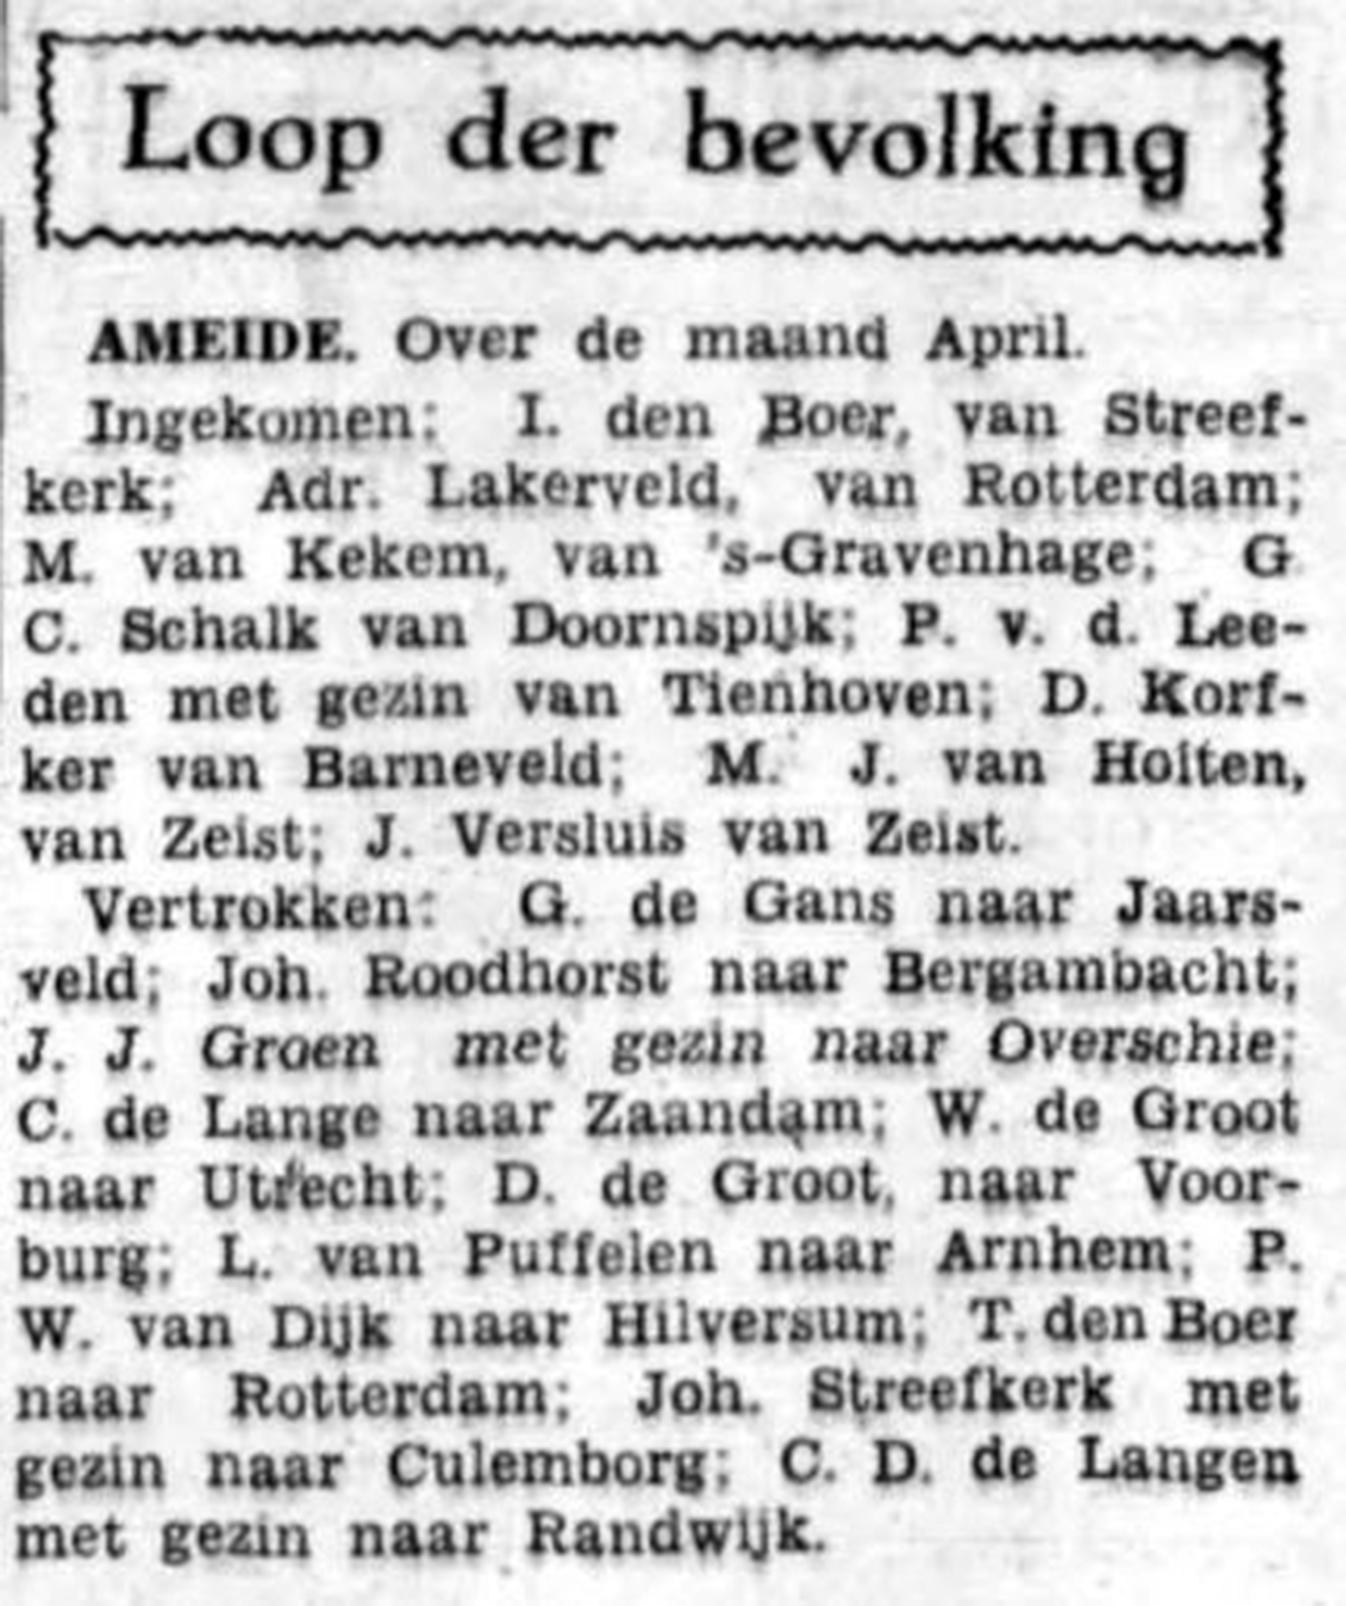 schoonhovensche-courant-06804-1937-05-03-artikel-04